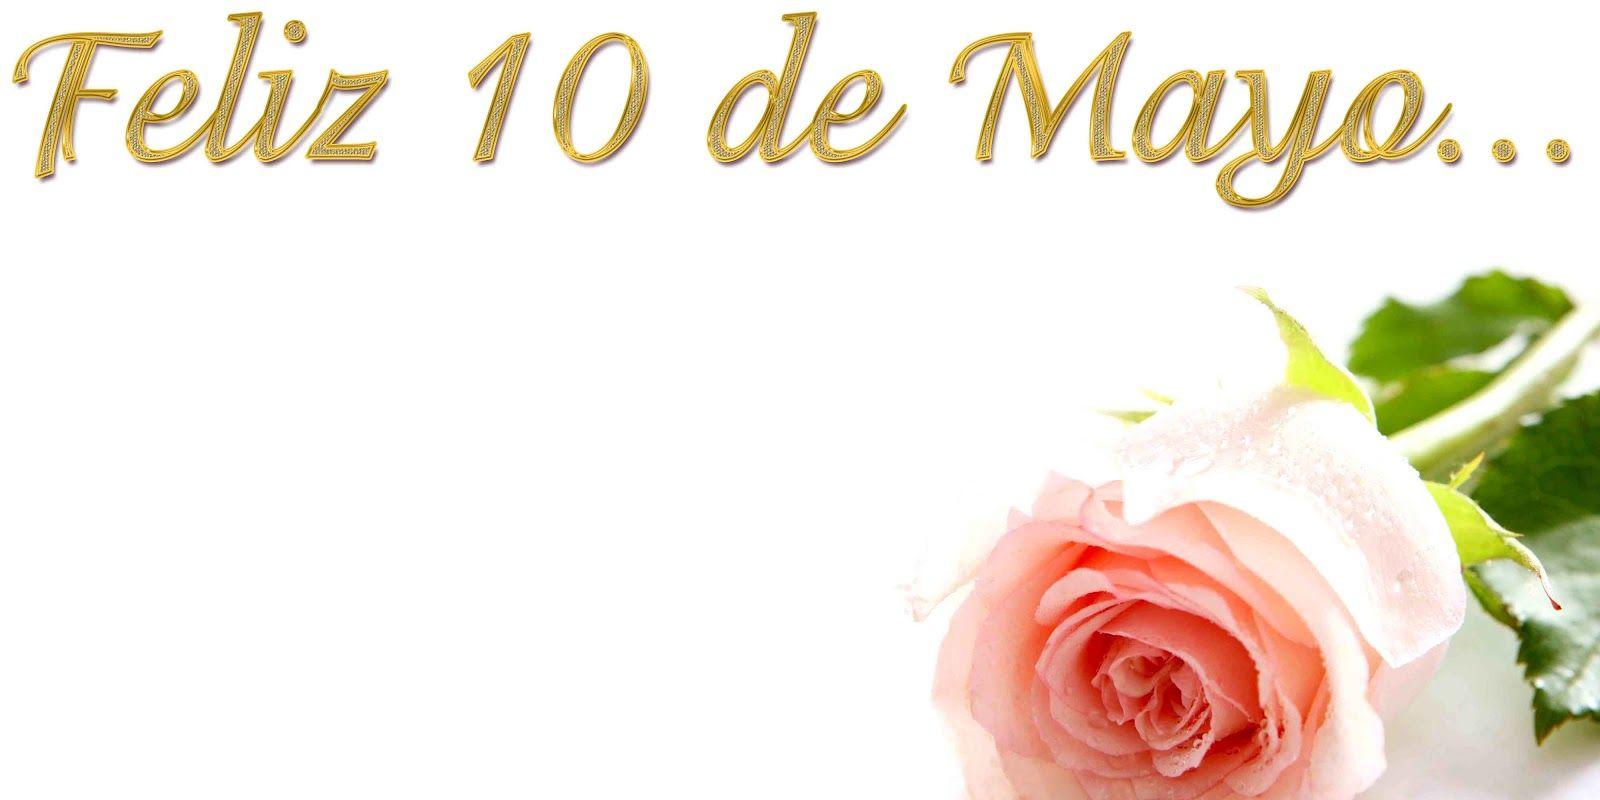 Imagenes De 10 De Mayo Para Impresores Y Diseñadores Fondo